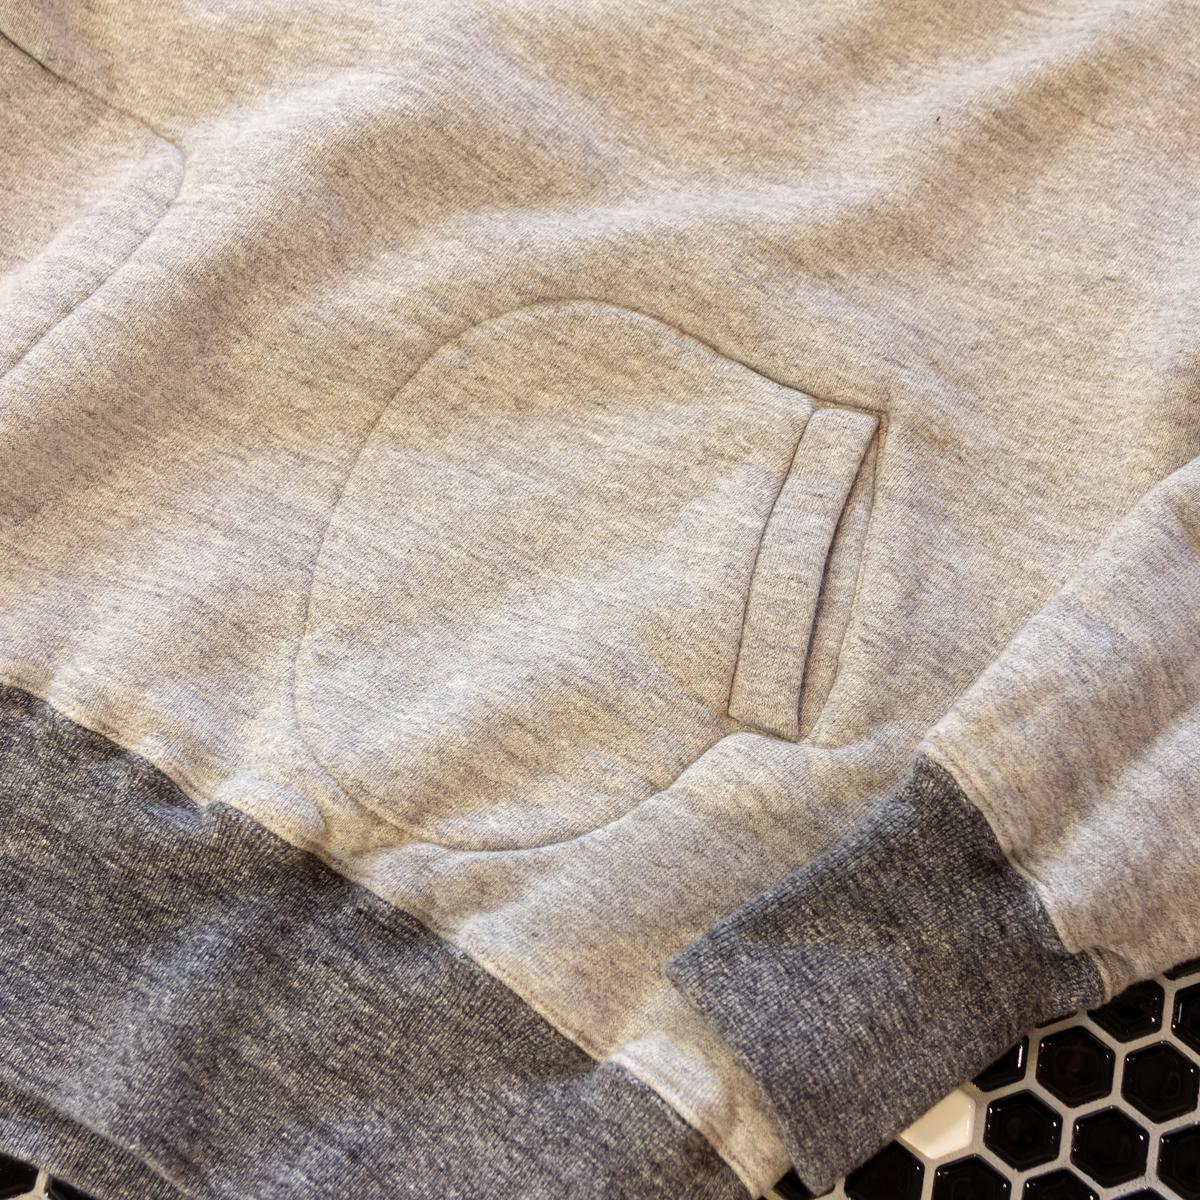 ハンドウォーマーポケット|スポルディング社の銘品から再構築されたぬくもり!アウター感覚の風合いやわらかな「サイドラインパーカ」|A.G. Spalding & Bros